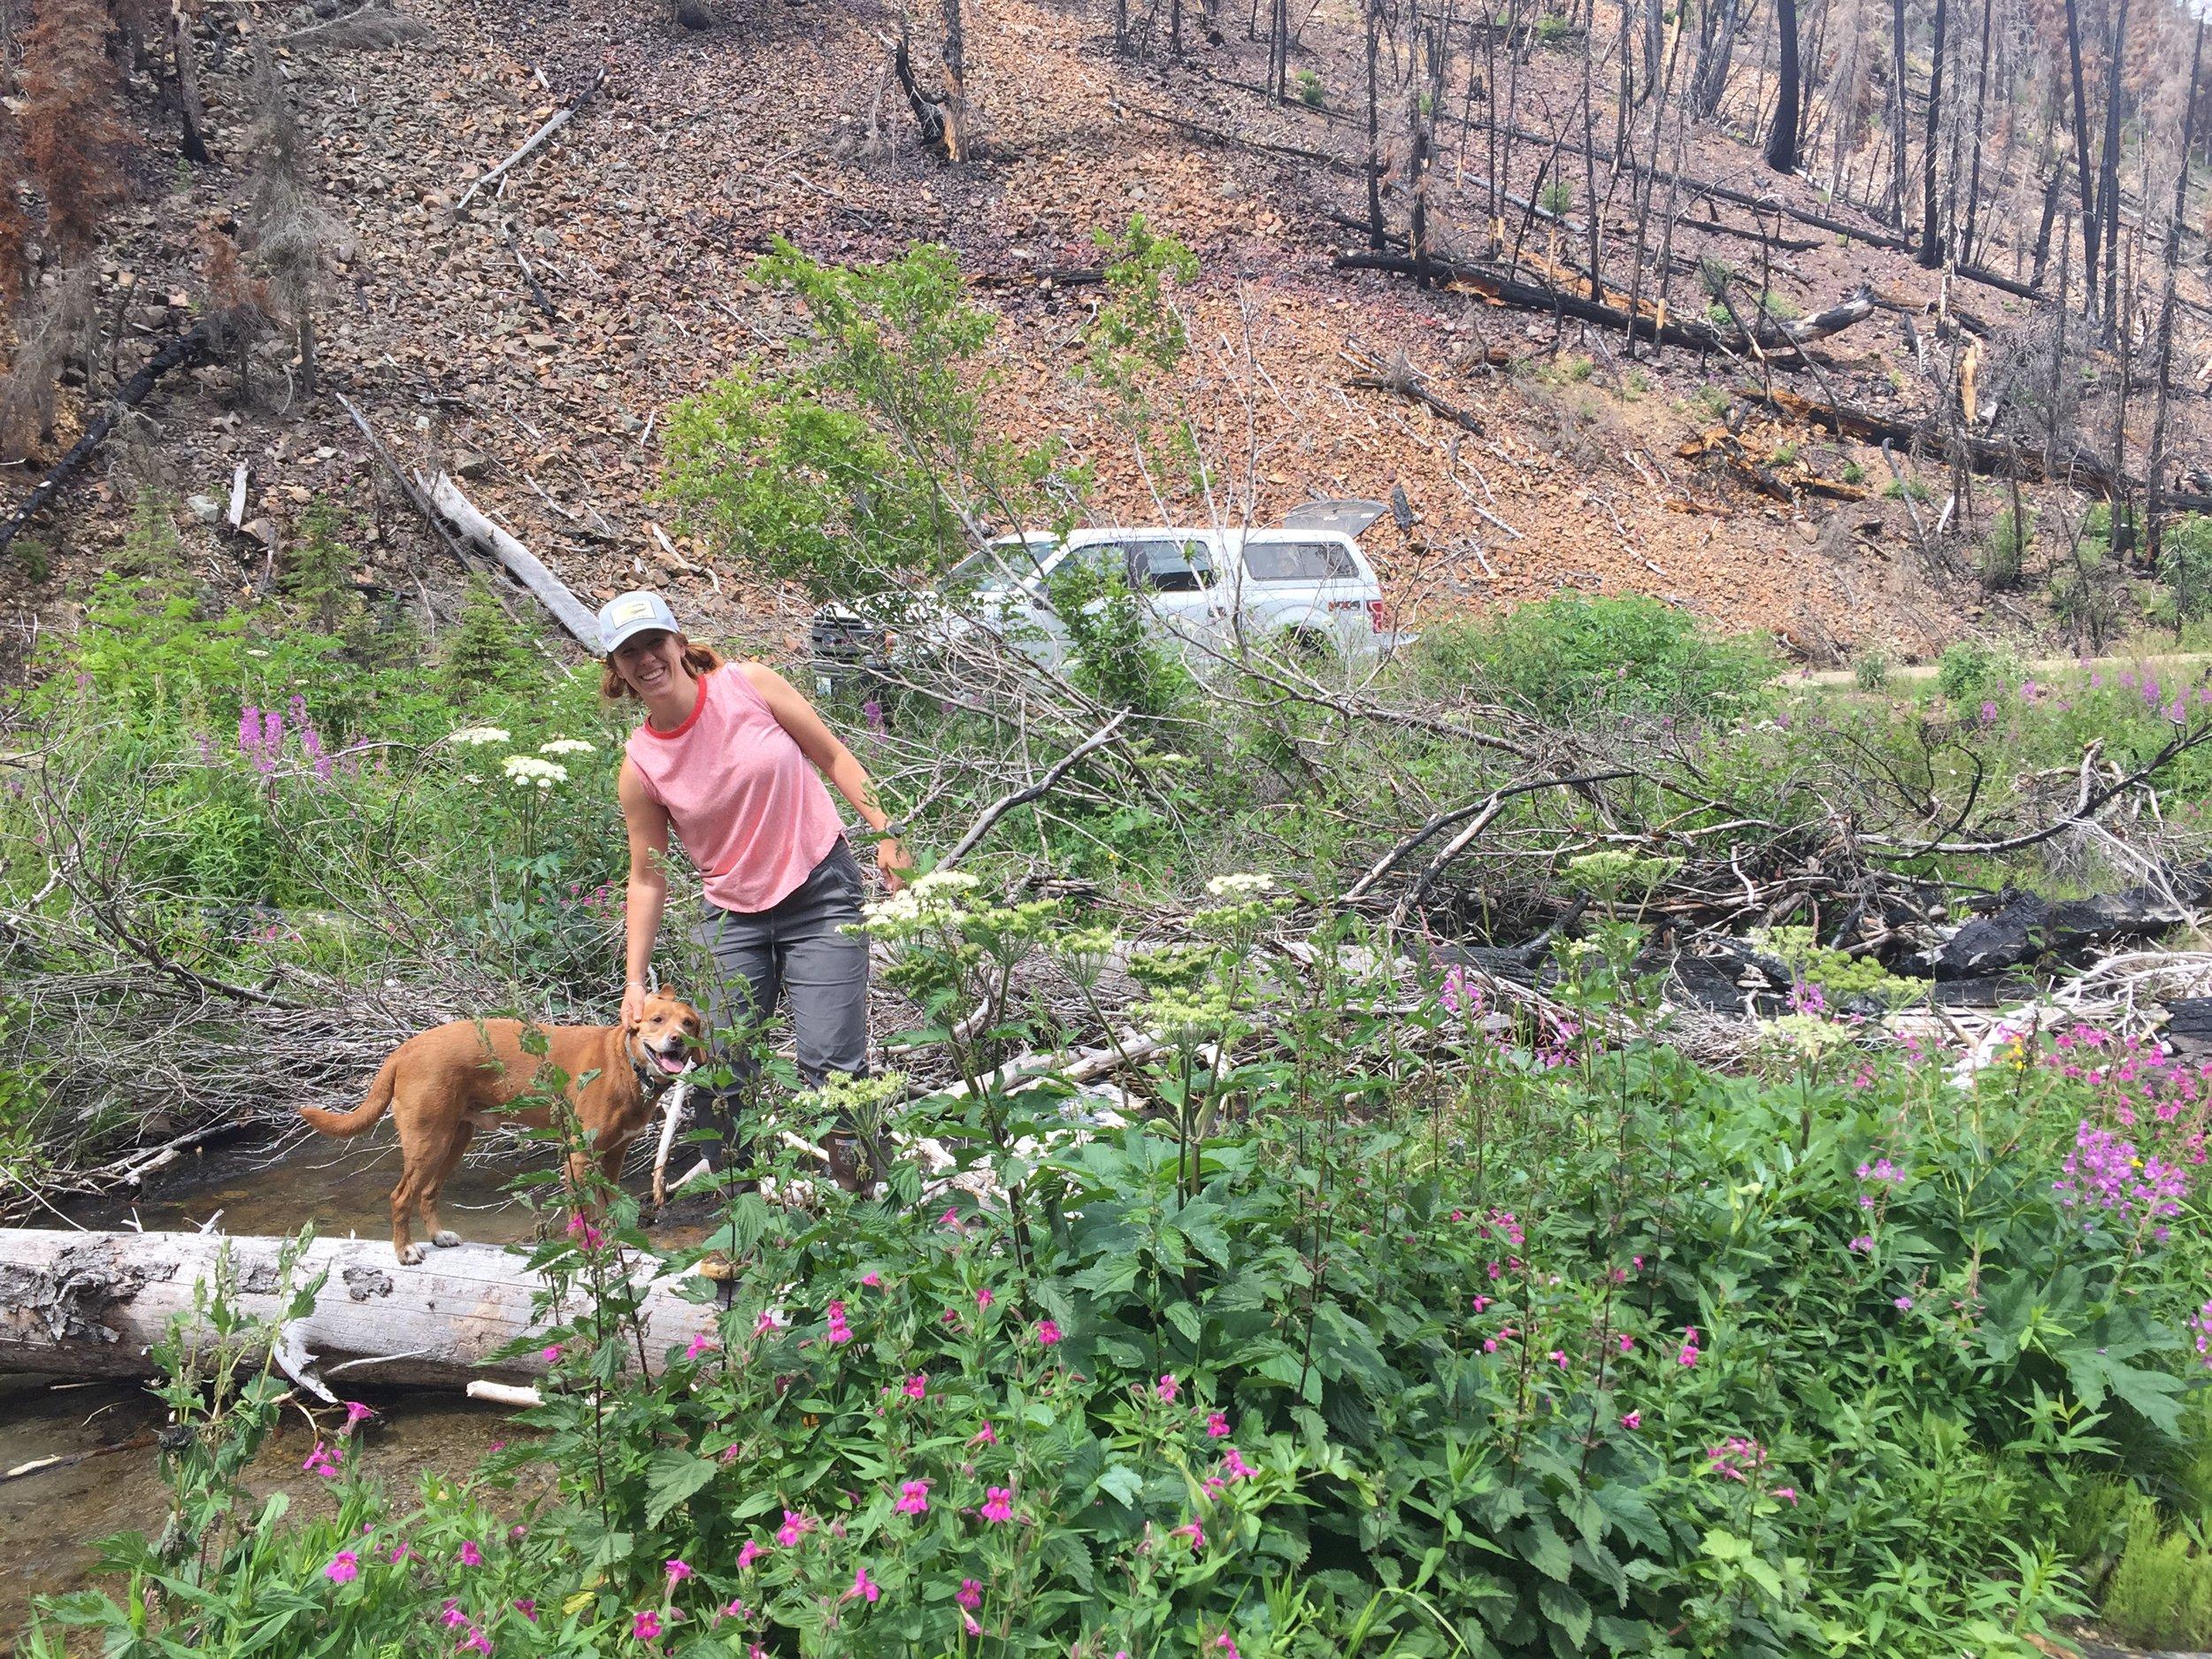 Julia + Barn in Field.JPG